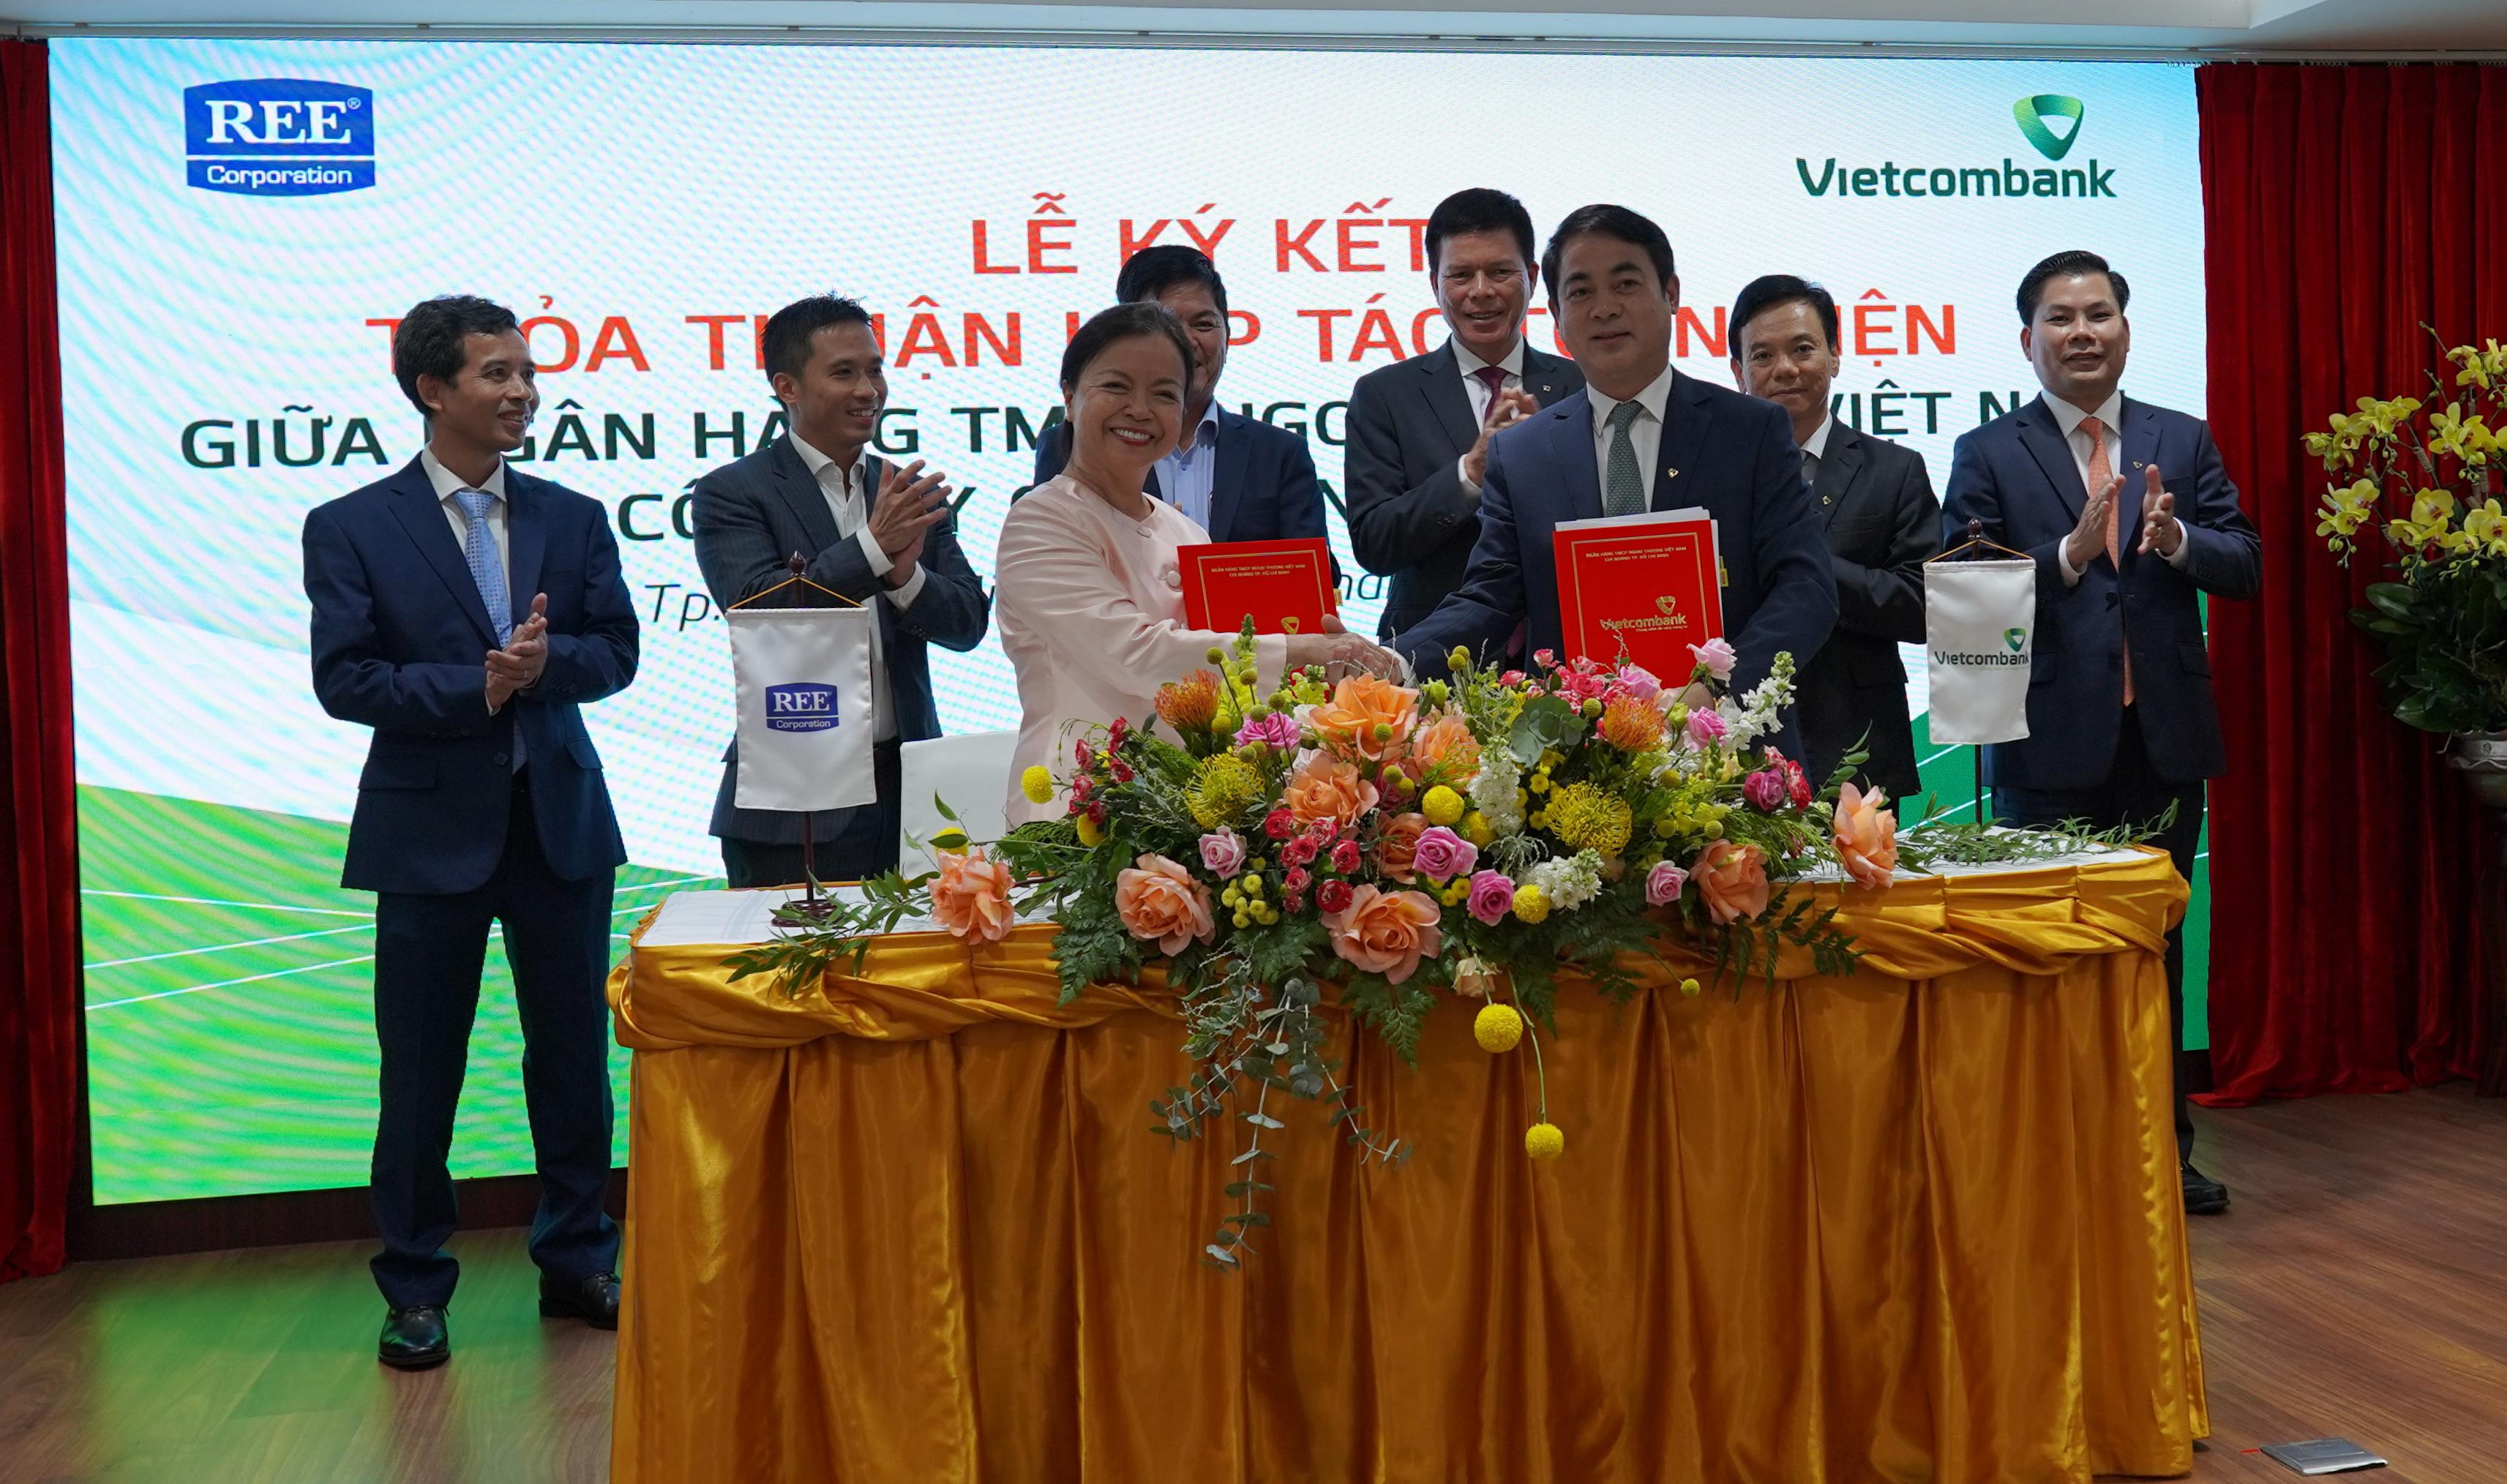 Ký kết Thỏa thuận hợp tác toàn diện REE - Vietcombank